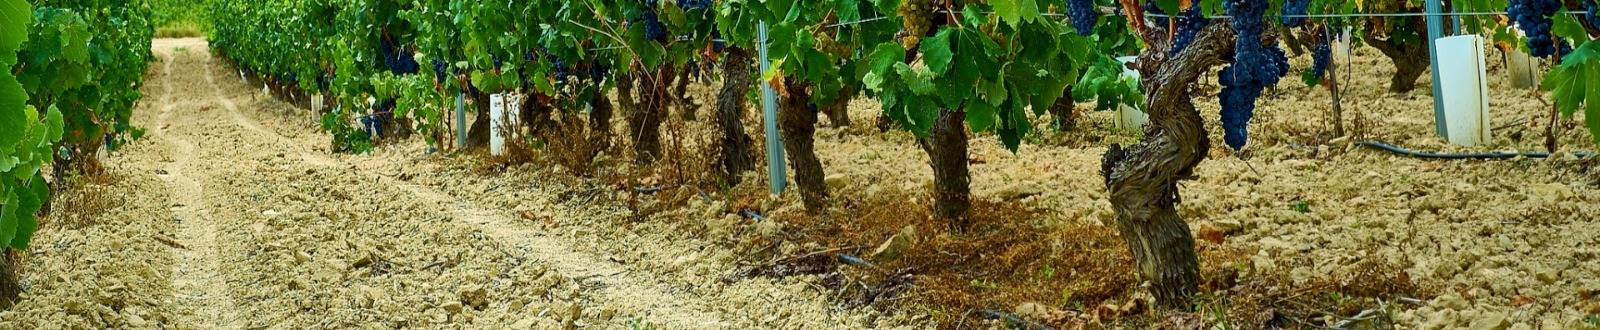 Виноградник винное хозяйство Раевское